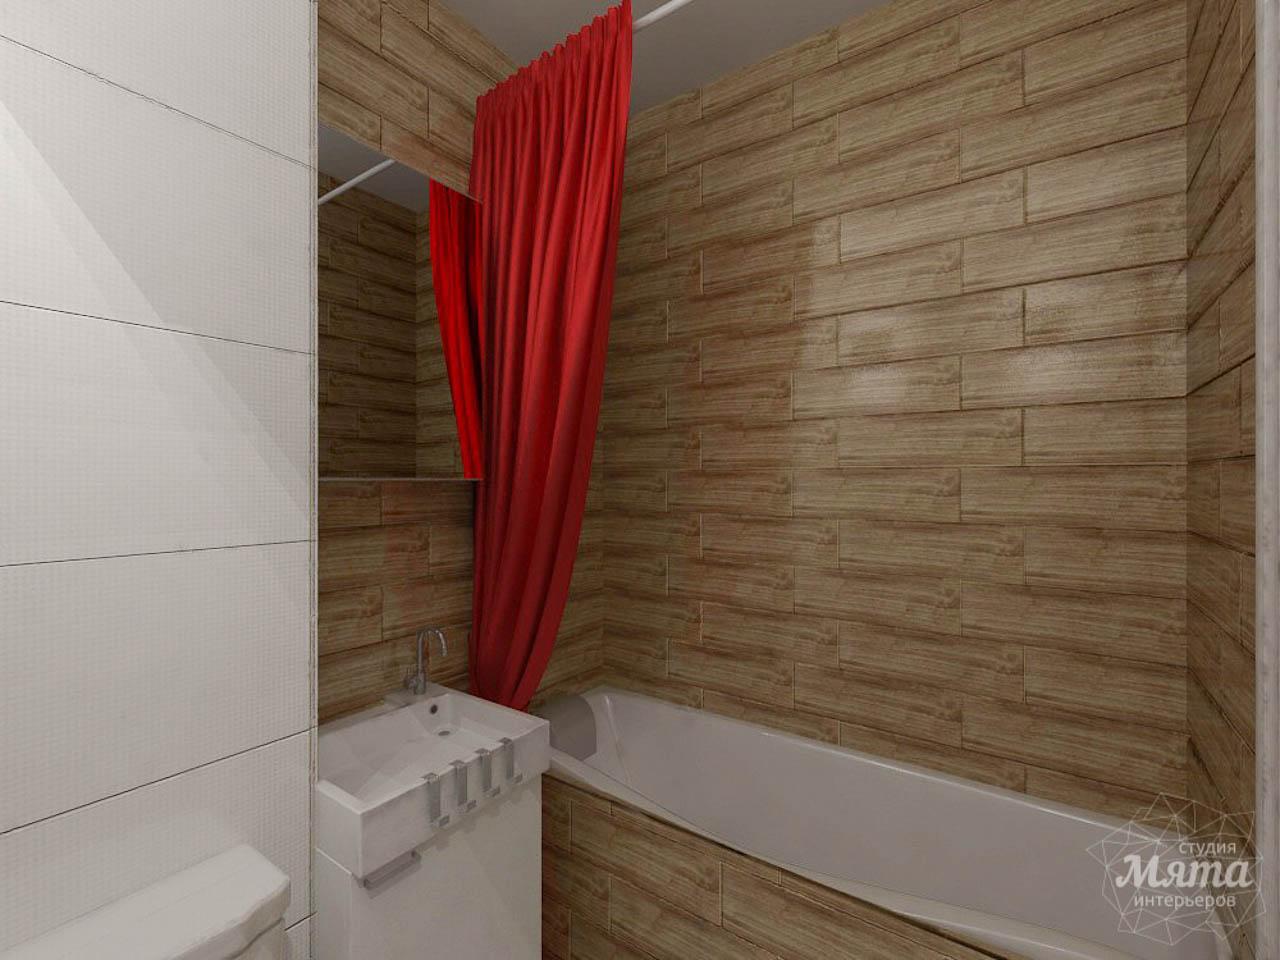 Дизайн интерьера однокомнатной квартиры в стиле минимализм по ул. Чапаева 30 img180705427